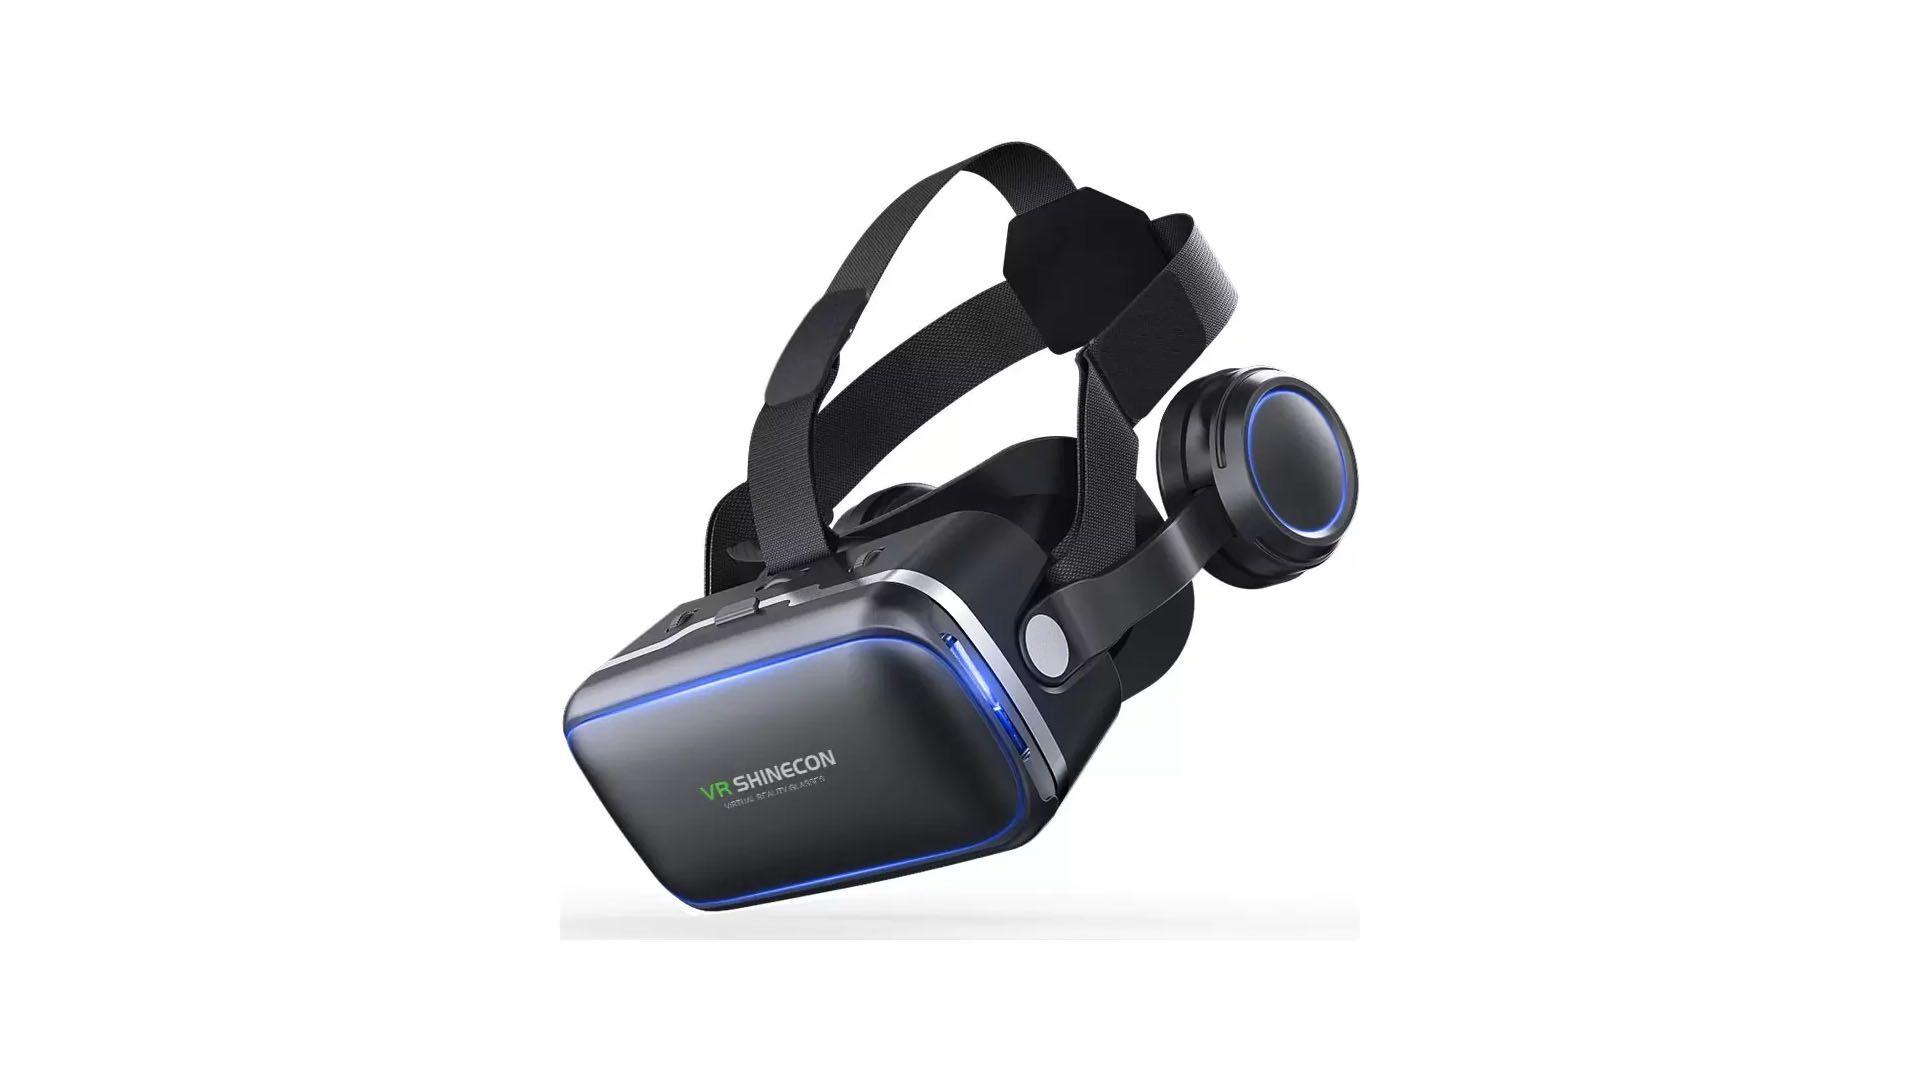 Óculos realidade virtual da Shinecon. (Foto: Divulgação/Shinecon)